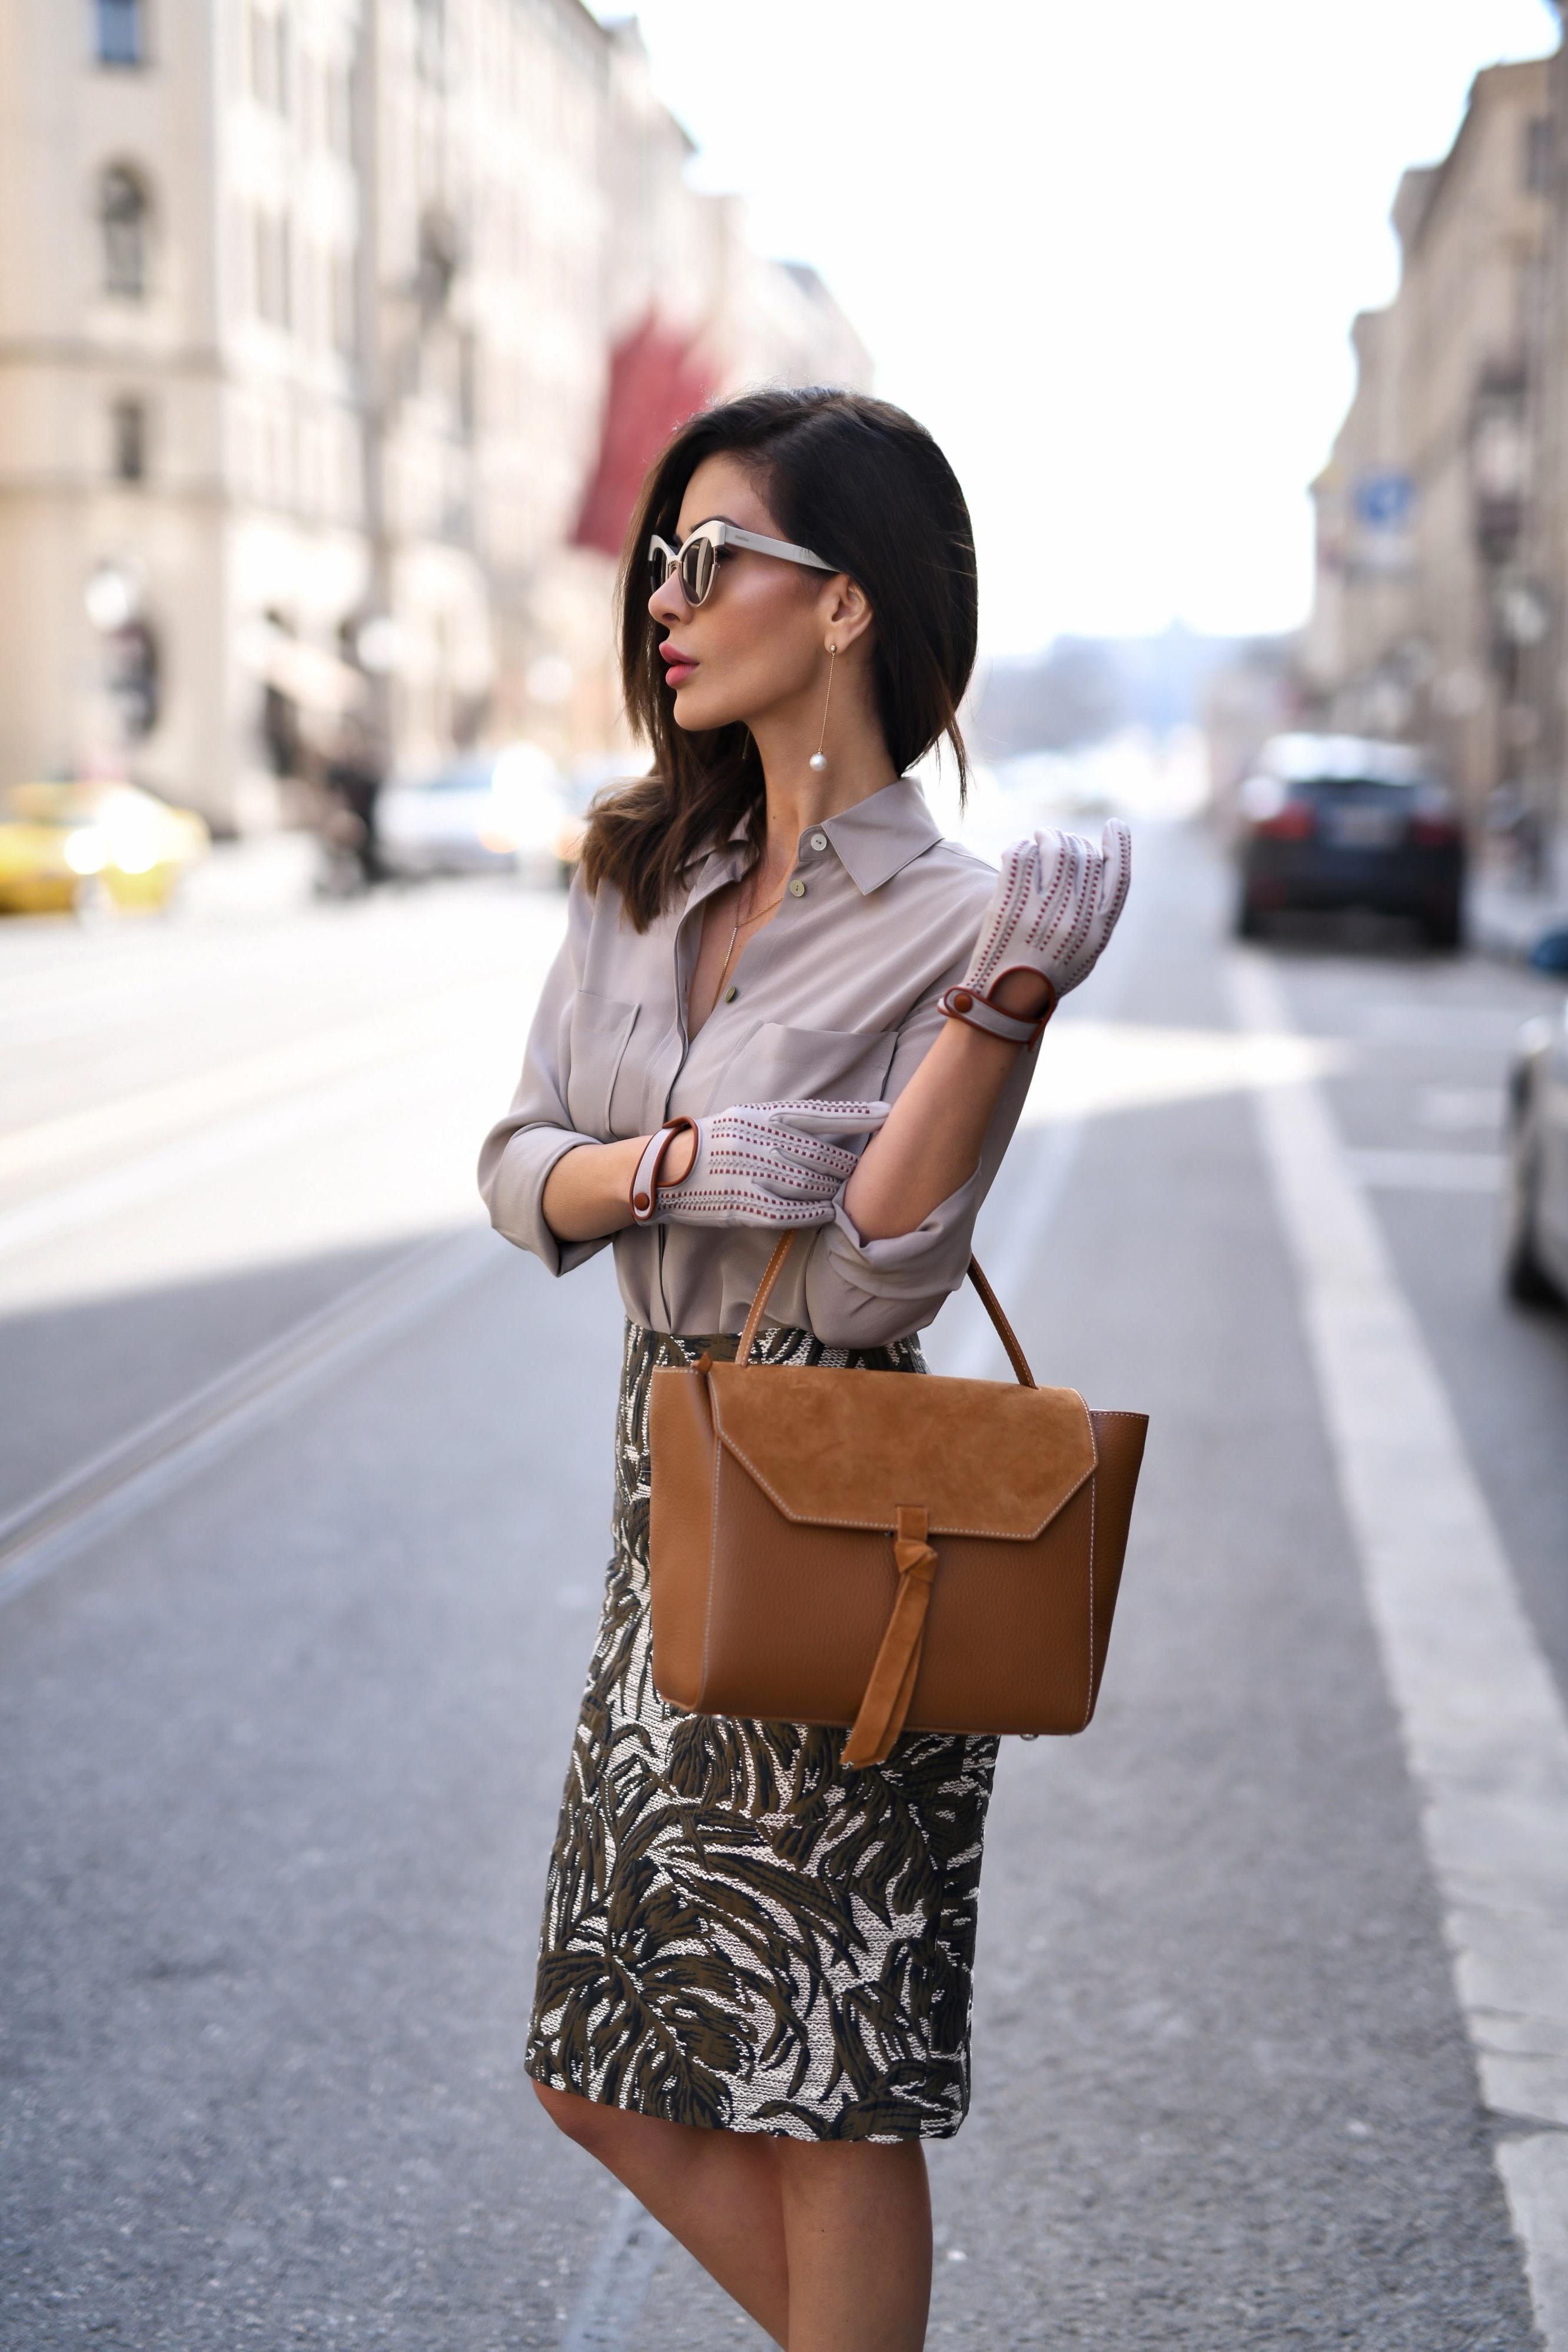 Modebloggerin Füsun Lindner im Handschuh-Look auf der Straße